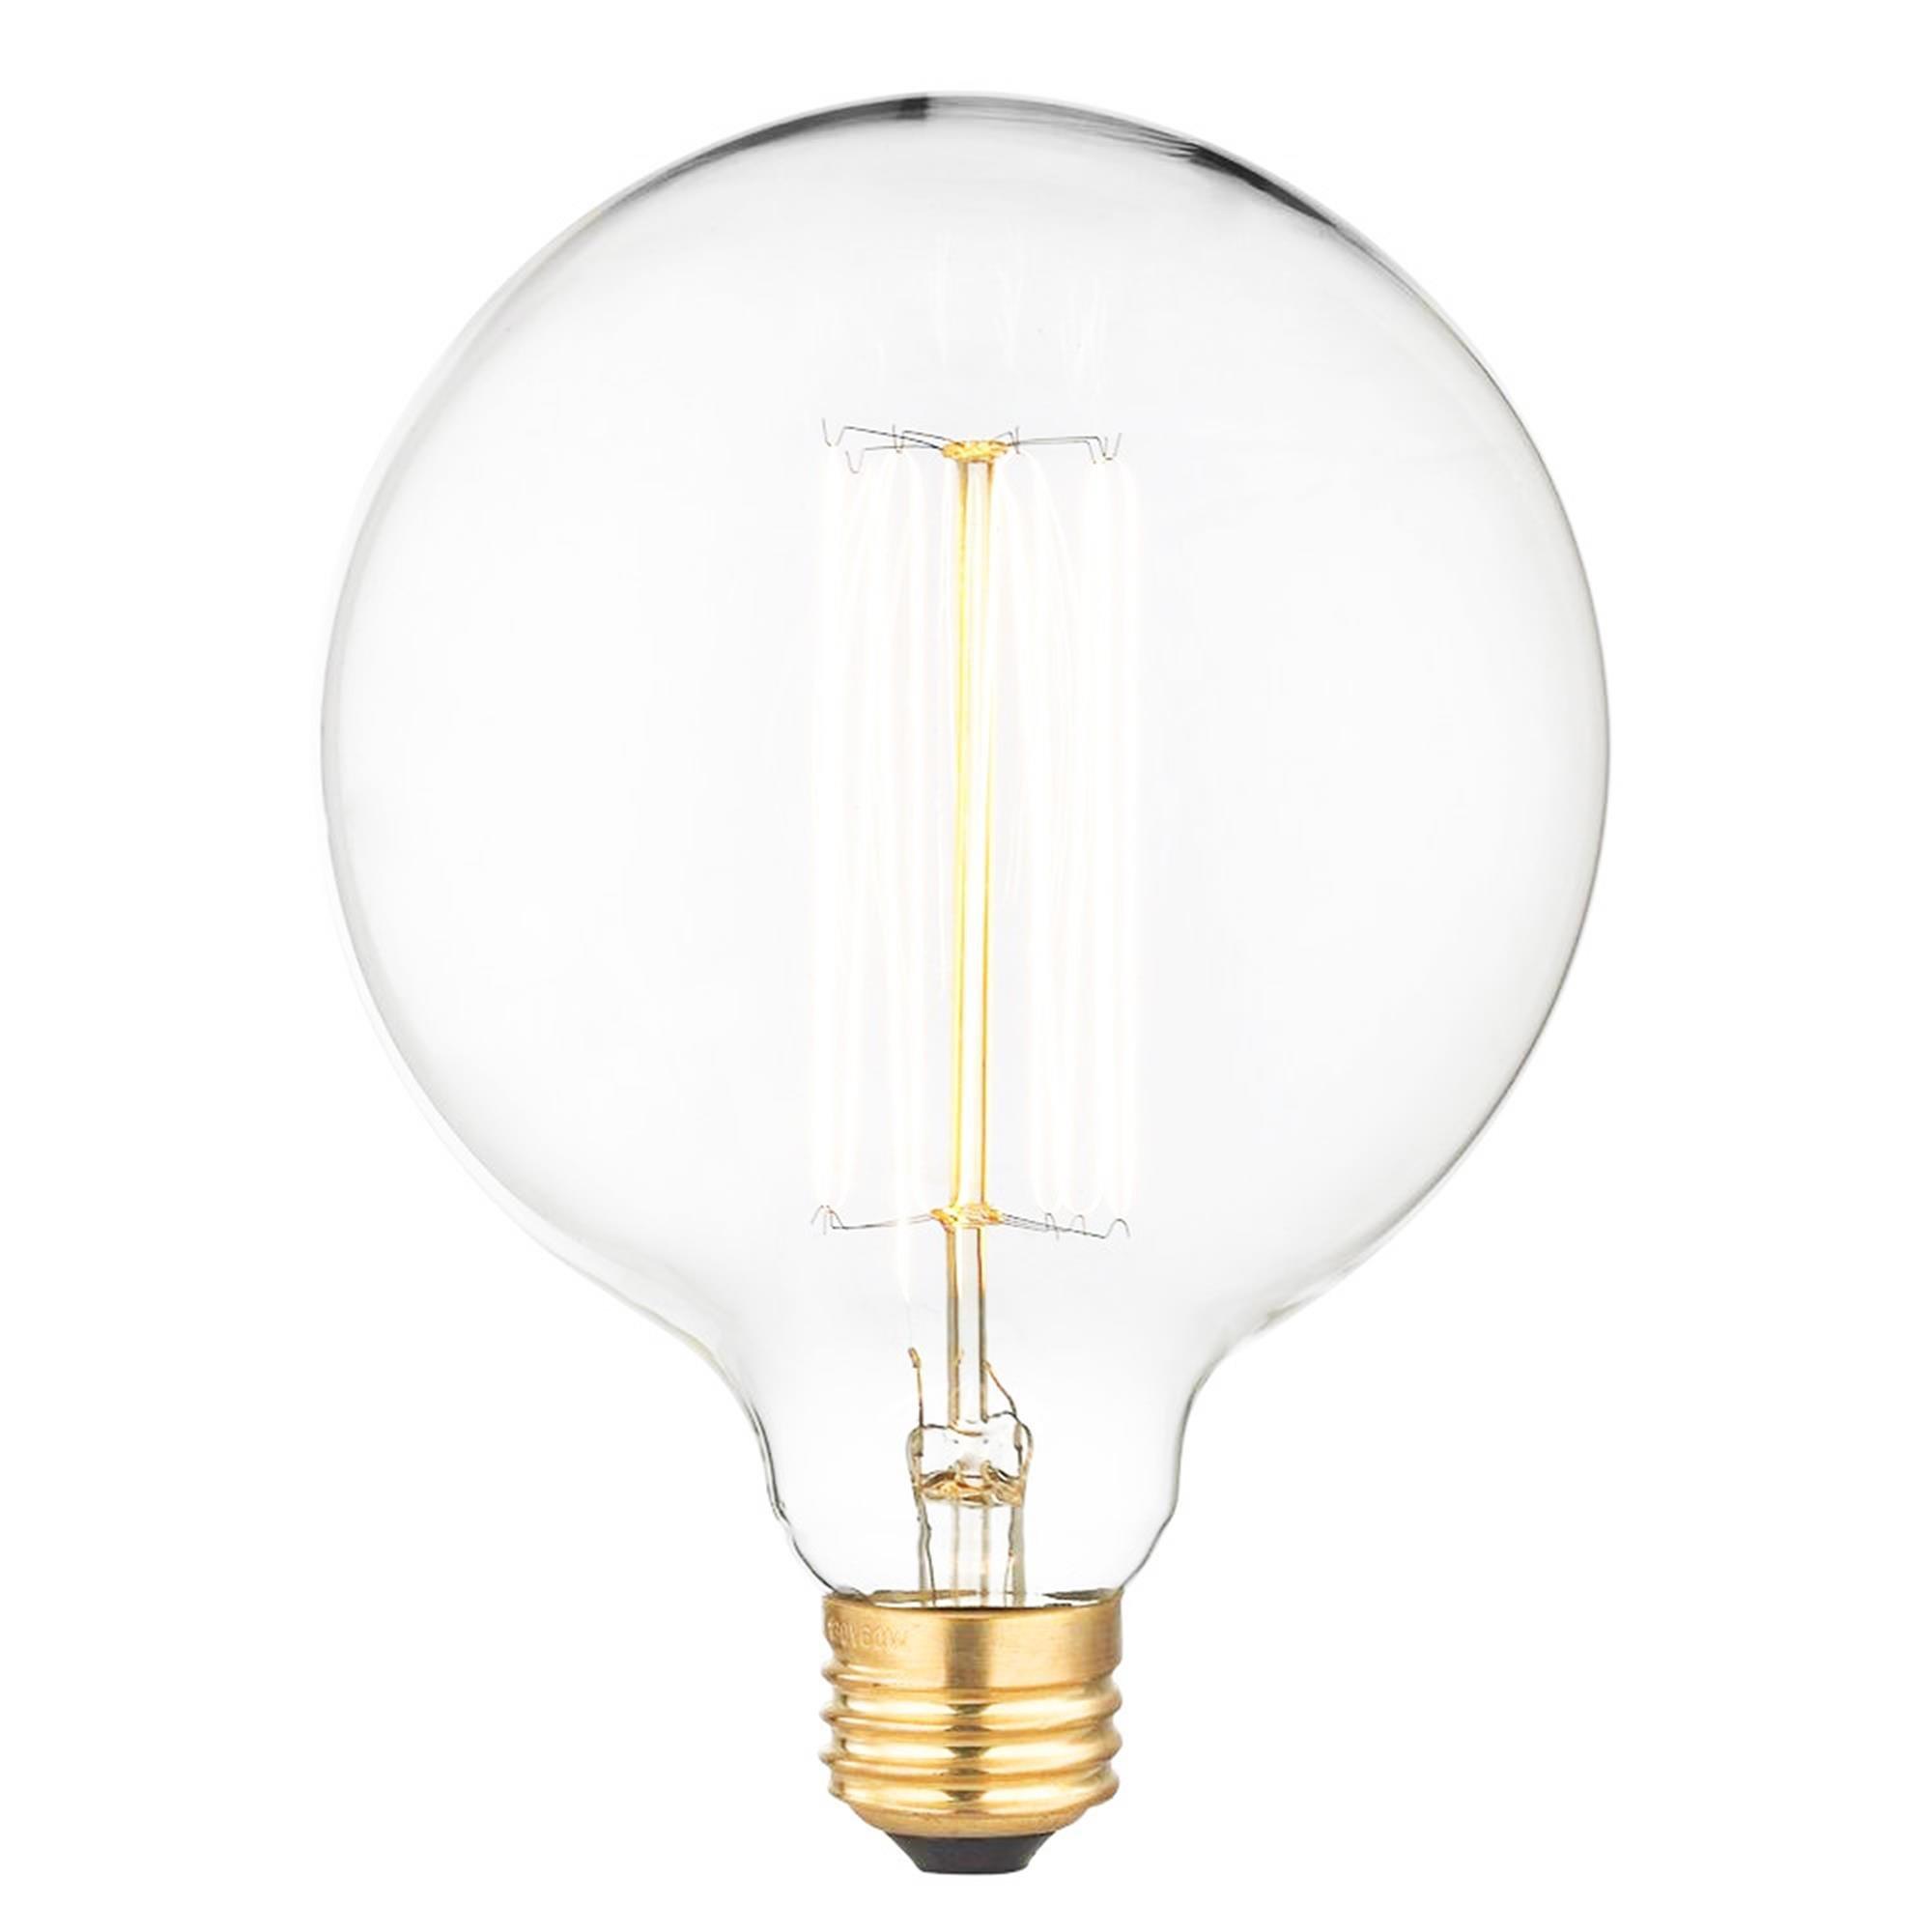 Ren-Wil 103210 Arch Light Bulb (Set of 3)